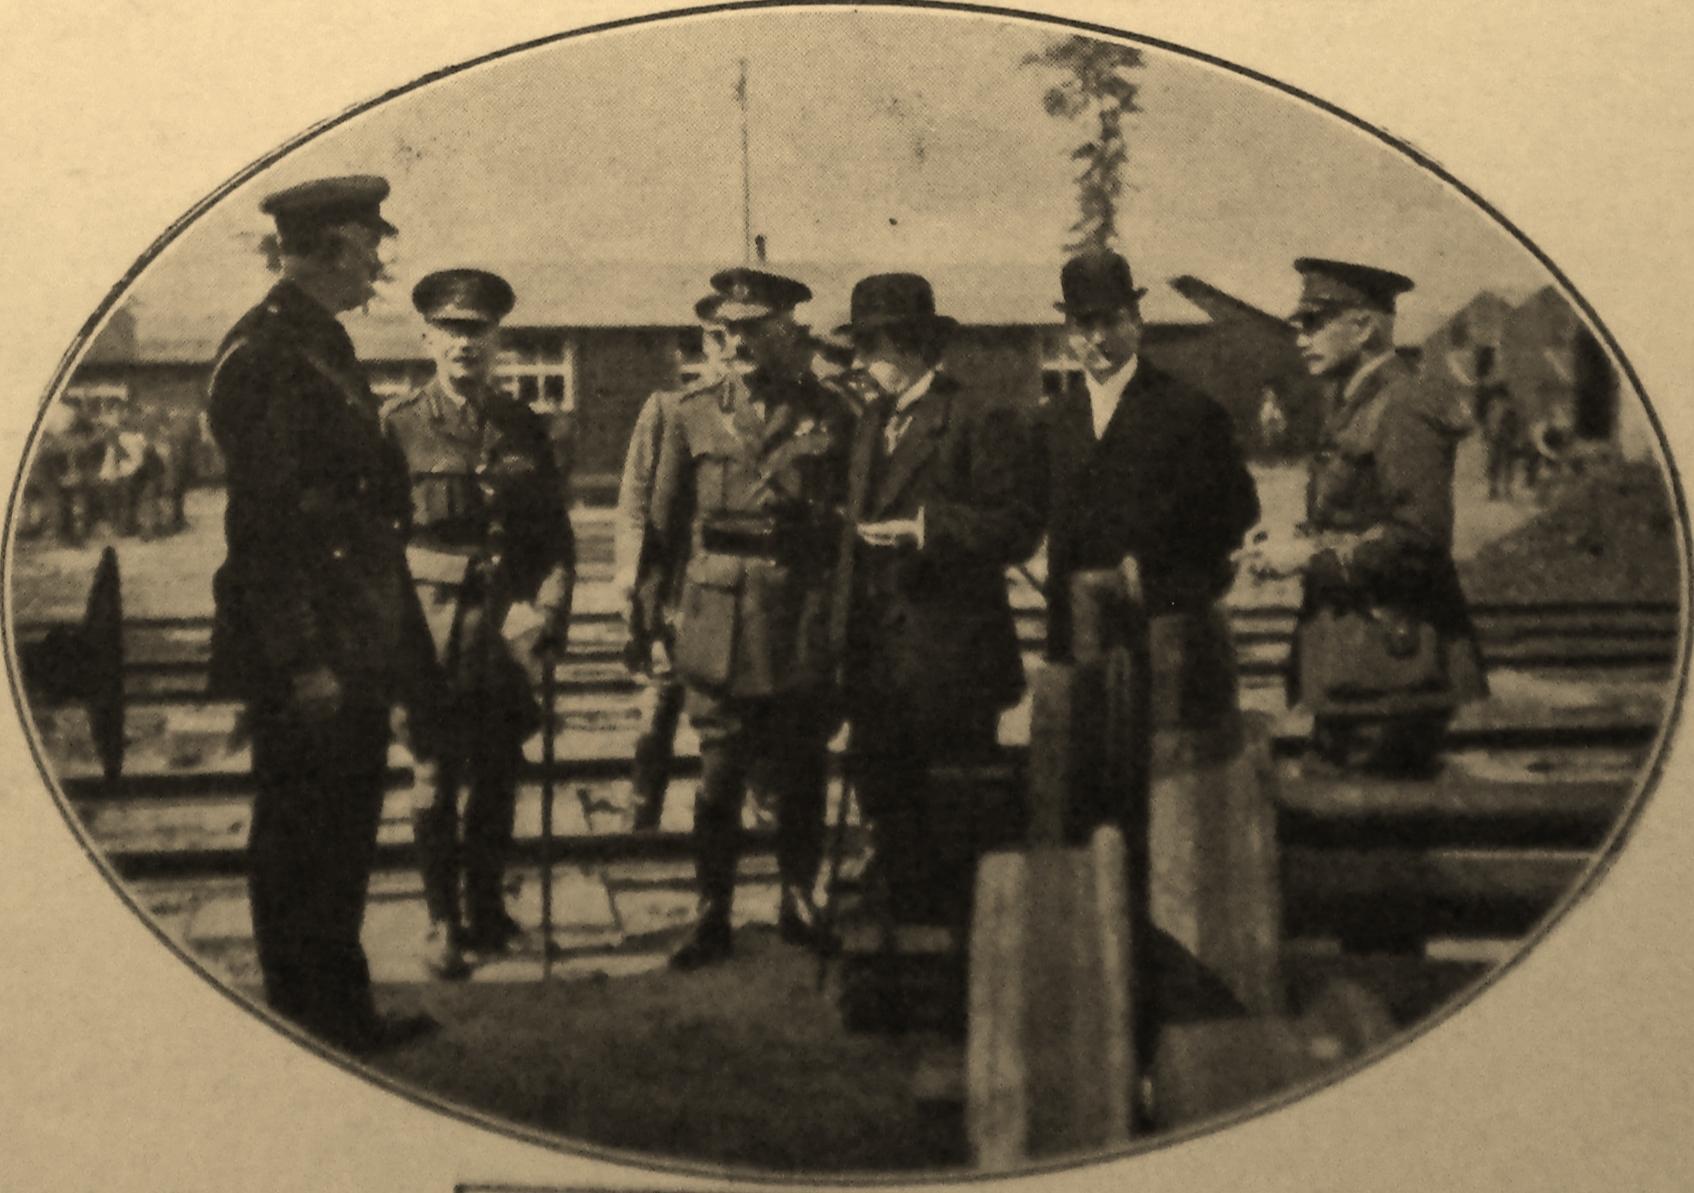 Calais 14 18 visite de m briand president du conseil au camp d audruicq ou l on procedait au montage des wagons venant d angleterre 25 juin 1916